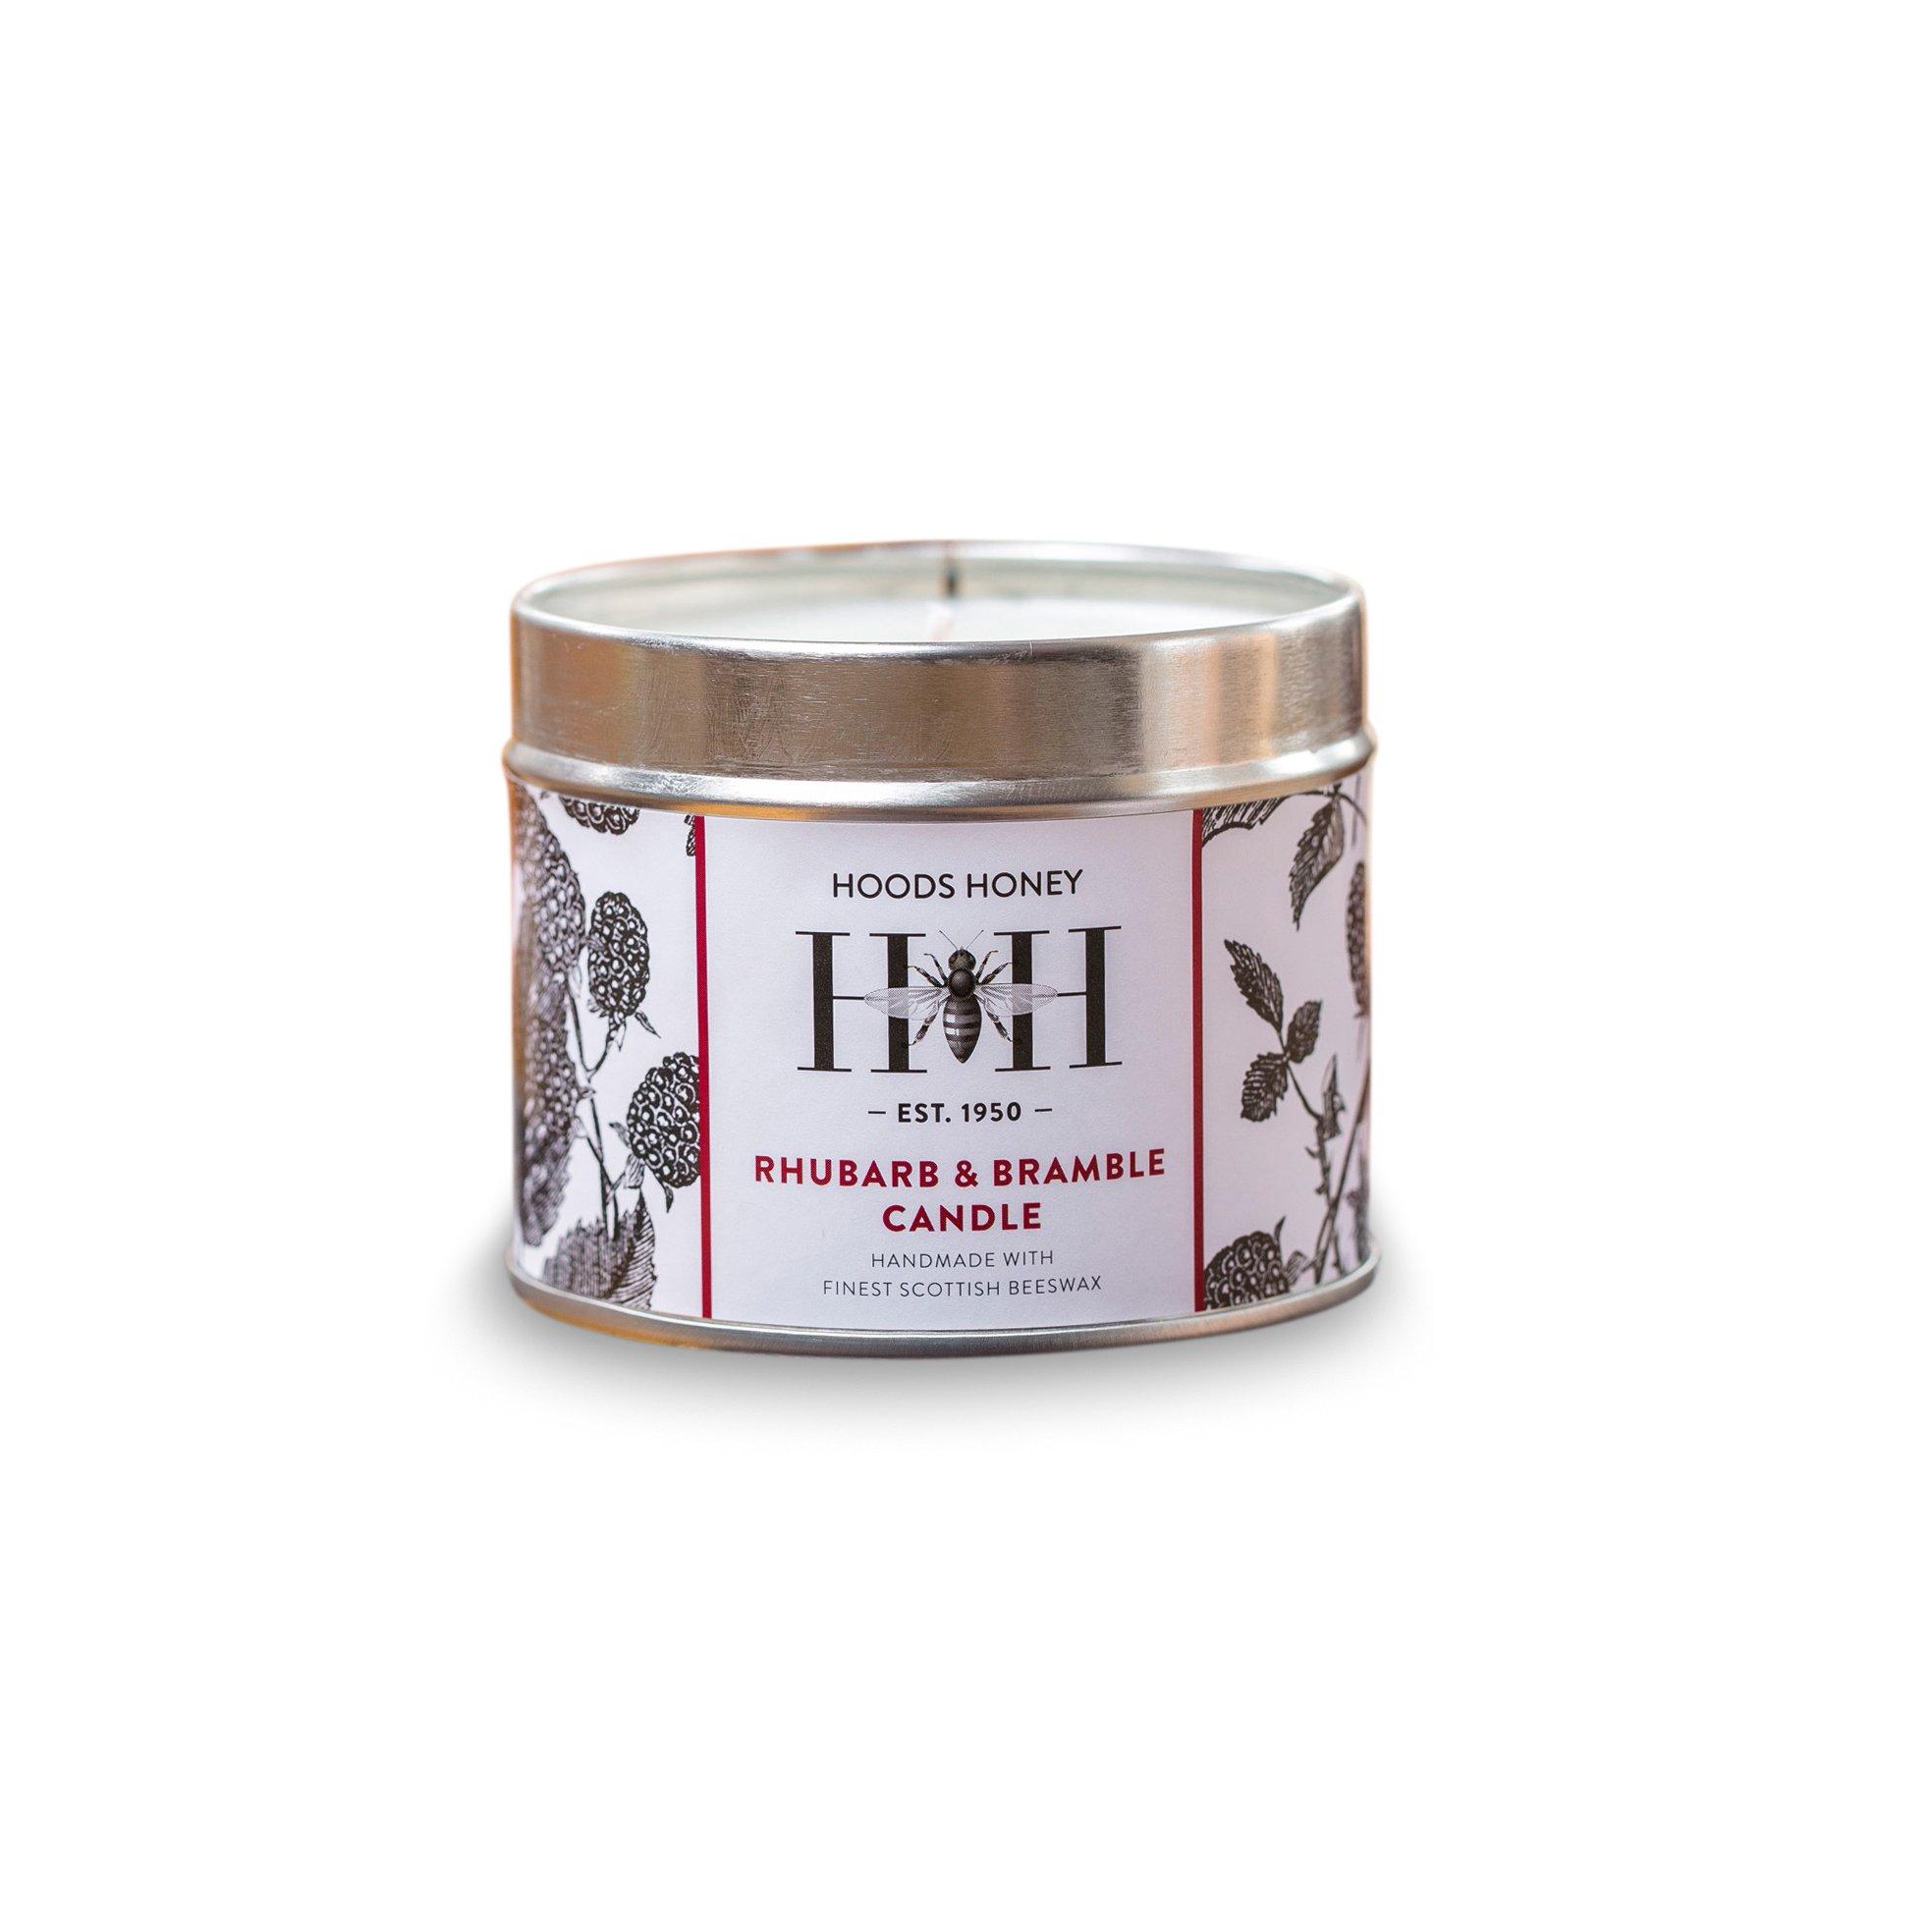 Rhubarb & Bramble Candle